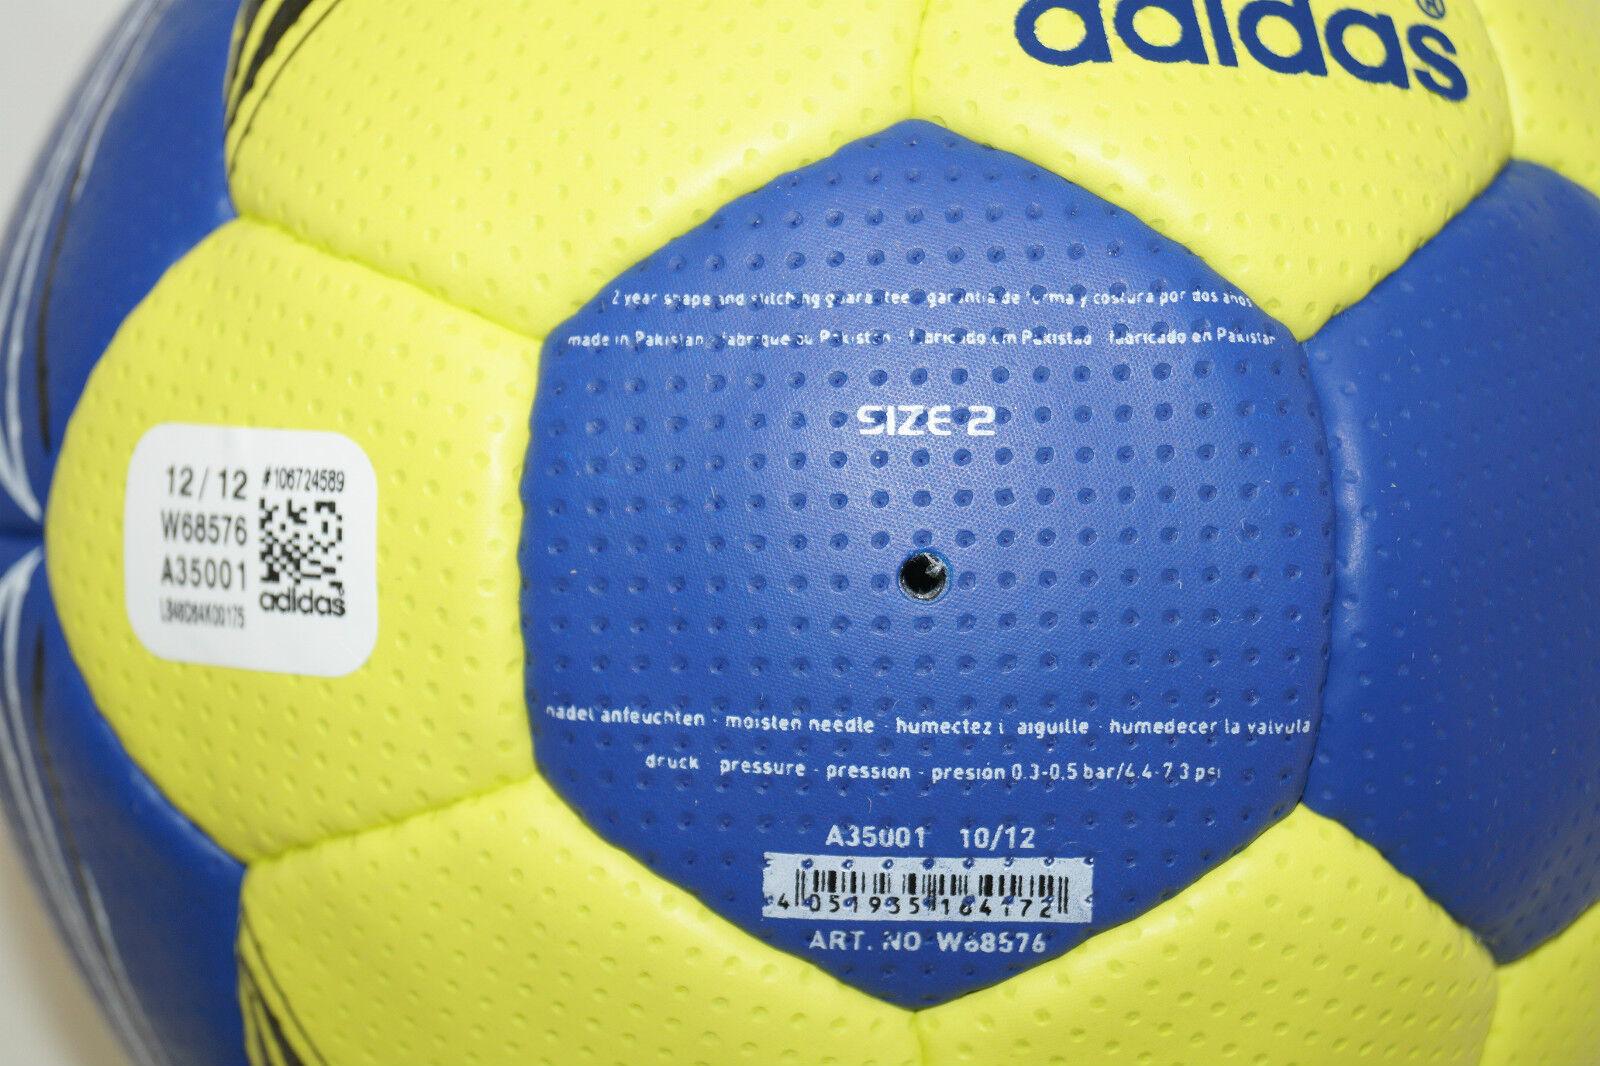 Adidas Gr.2 STABIL STABIL STABIL official Matchball Champ CL Champions League BALLS BALLONS e0f616